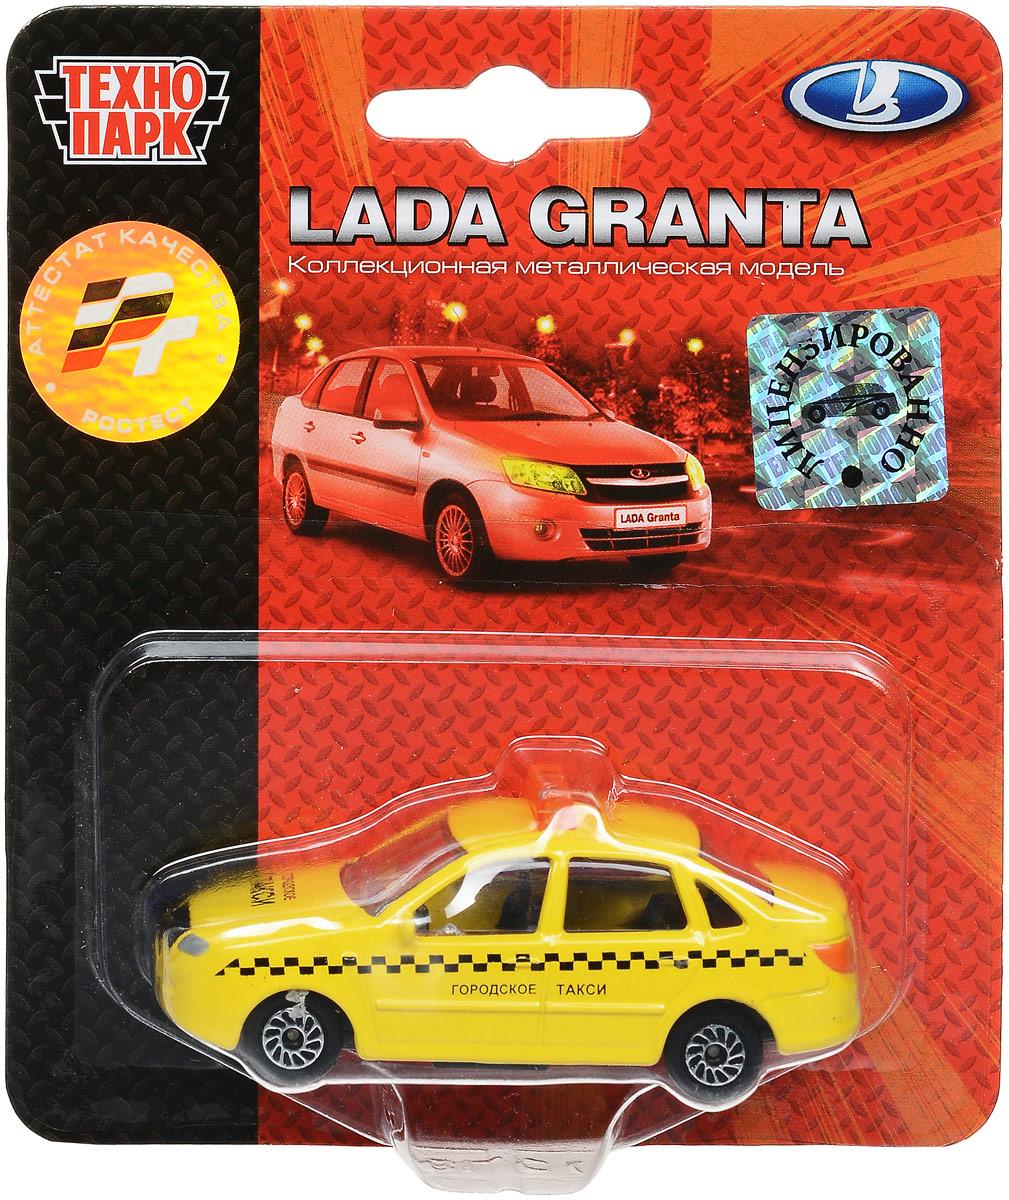 ТехноПарк Автомобиль Lada Granta Городское такси технопарк автомобиль lada granta